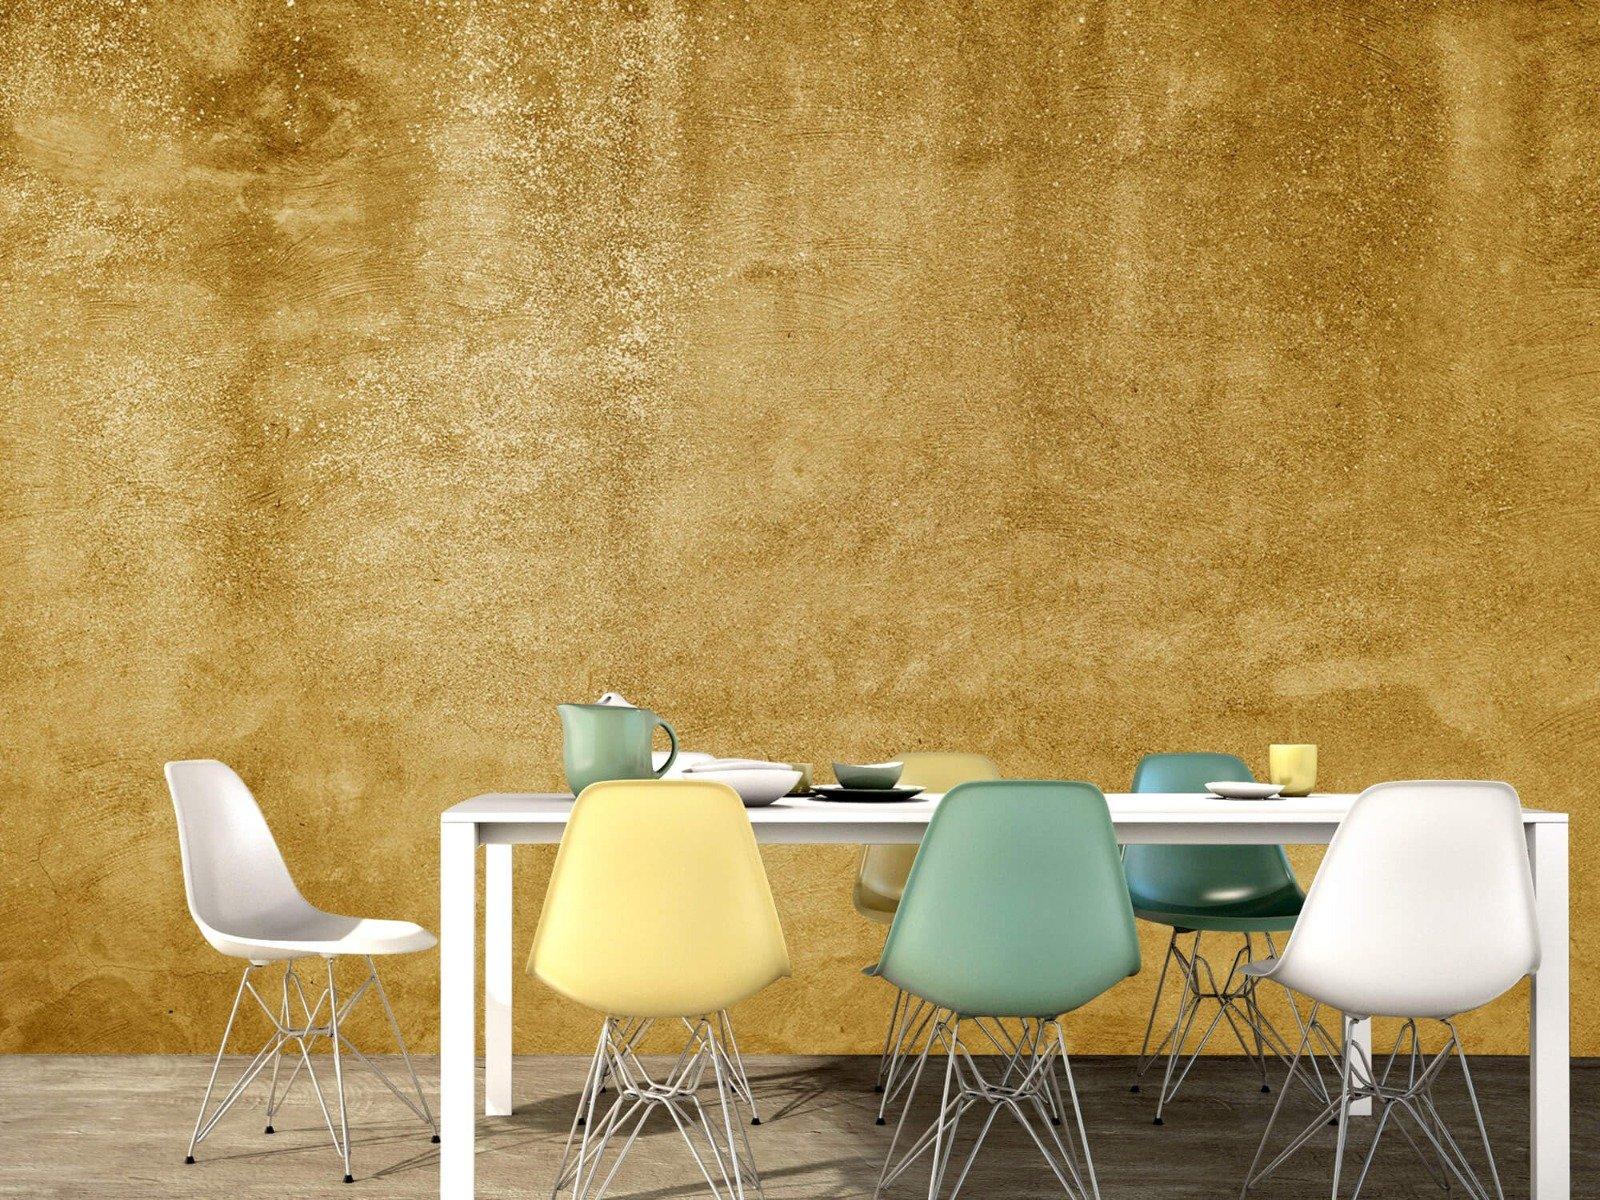 Betonoptik Tapete - Ockerhaltiger gelber Beton auf Fototapete - Wohnzimmer 15